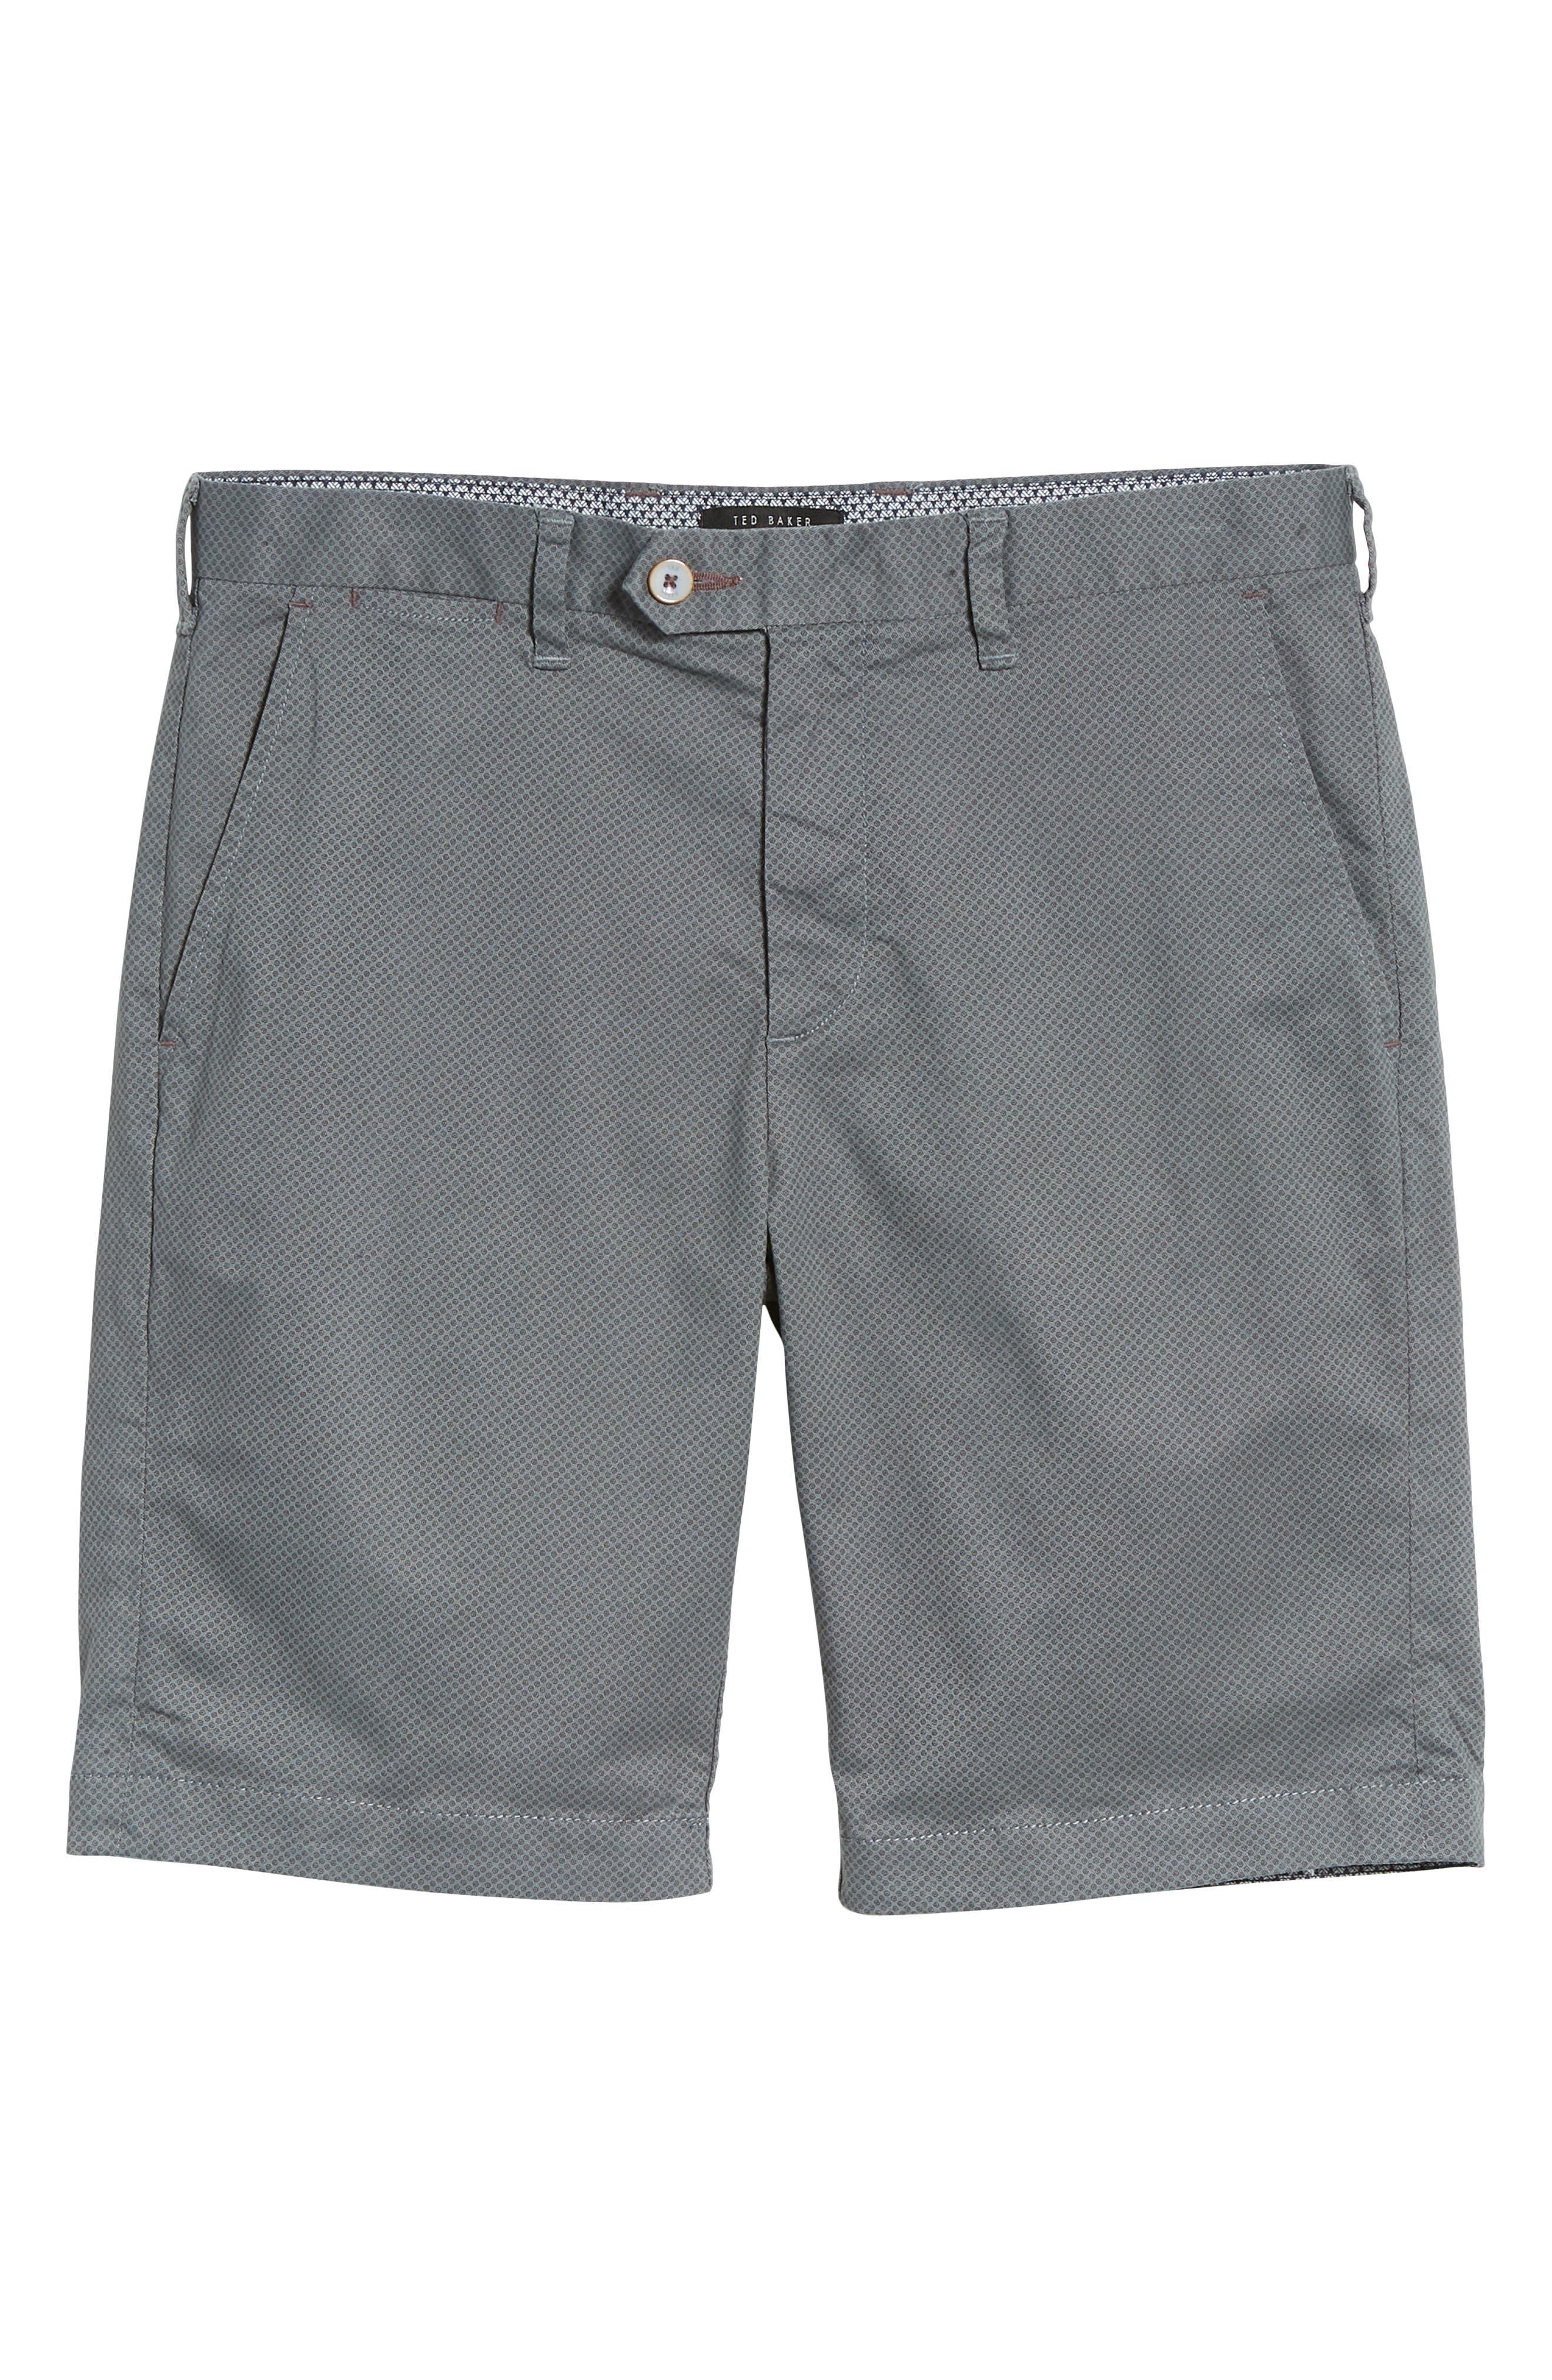 Print Spot Shorts,                             Alternate thumbnail 6, color,                             020